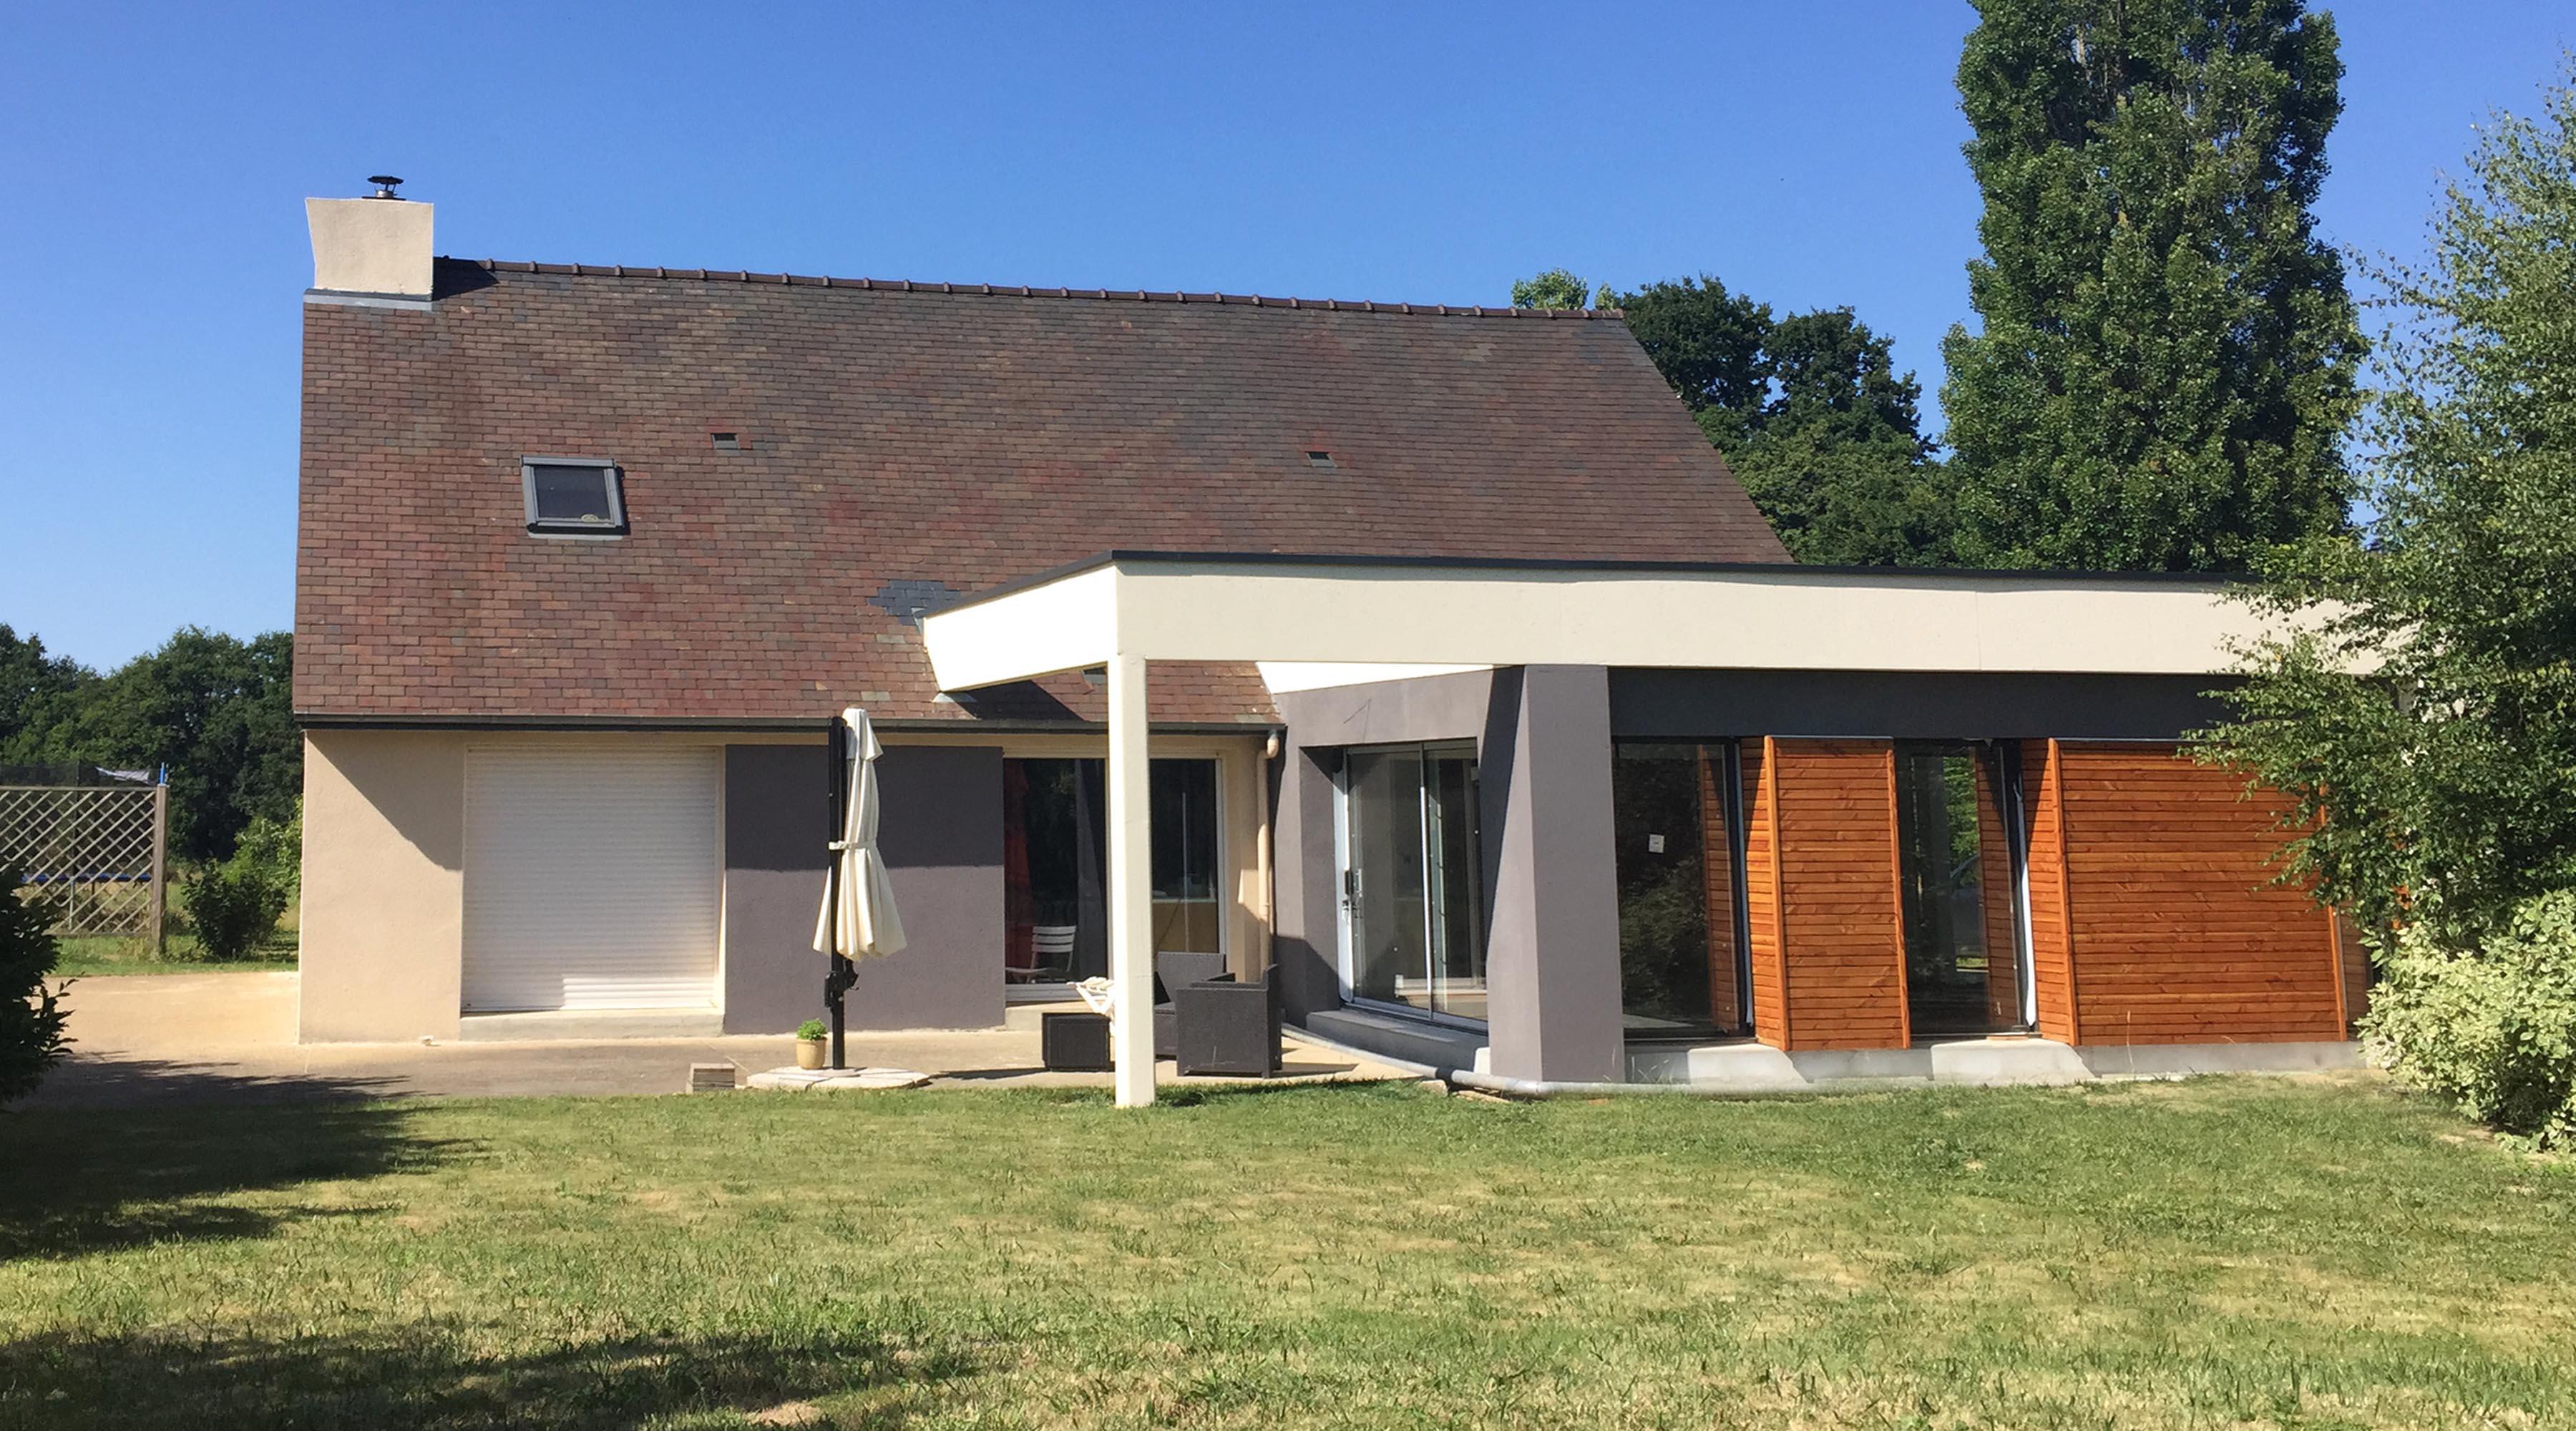 Projet m m 1 2 vue architecte lise roturier rennes for Agrandissement maison 59